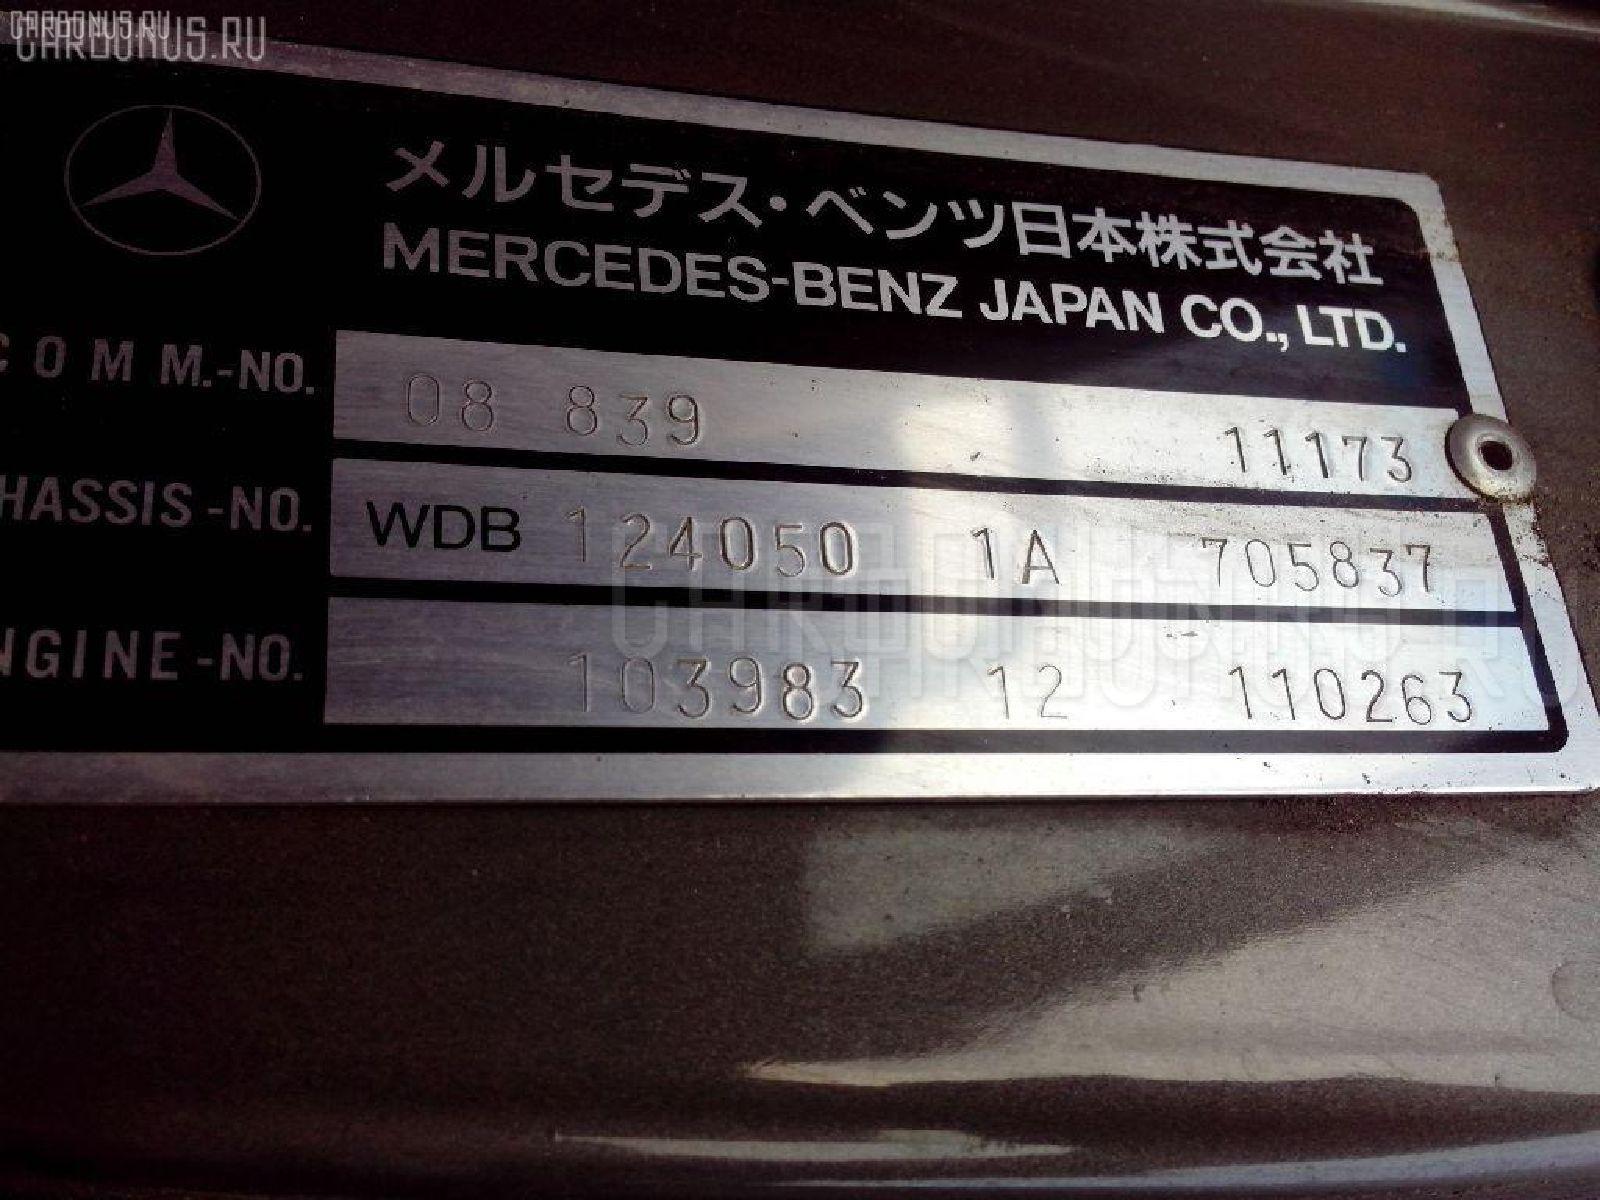 Датчик ABS MERCEDES-BENZ COUPE C124.050 103.983 Фото 5